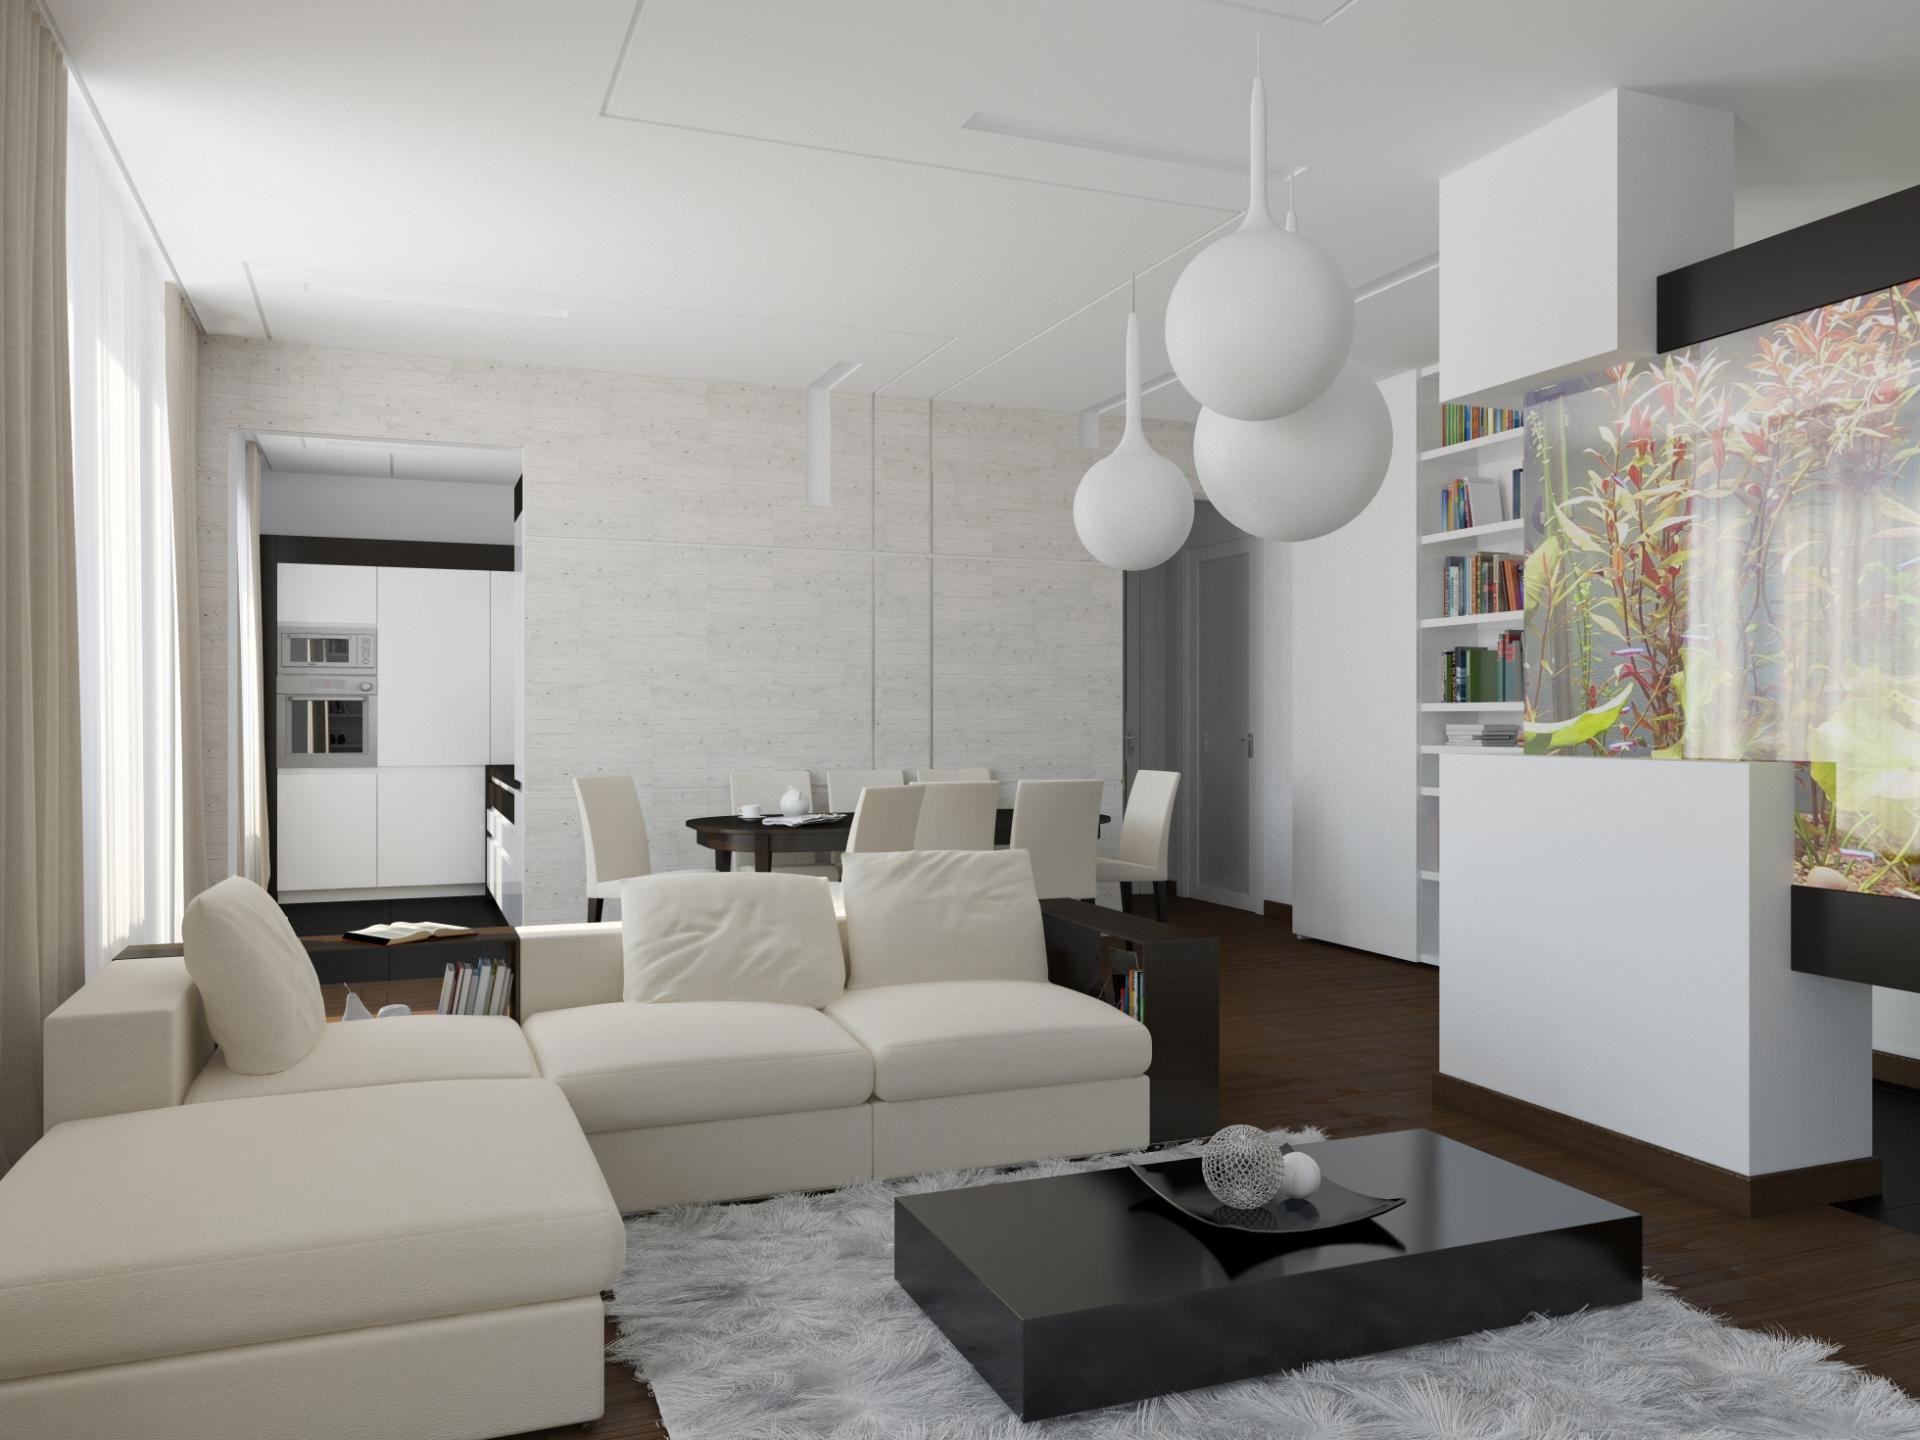 Прекрасное оформление интерьера квартиры в стиле минимализм